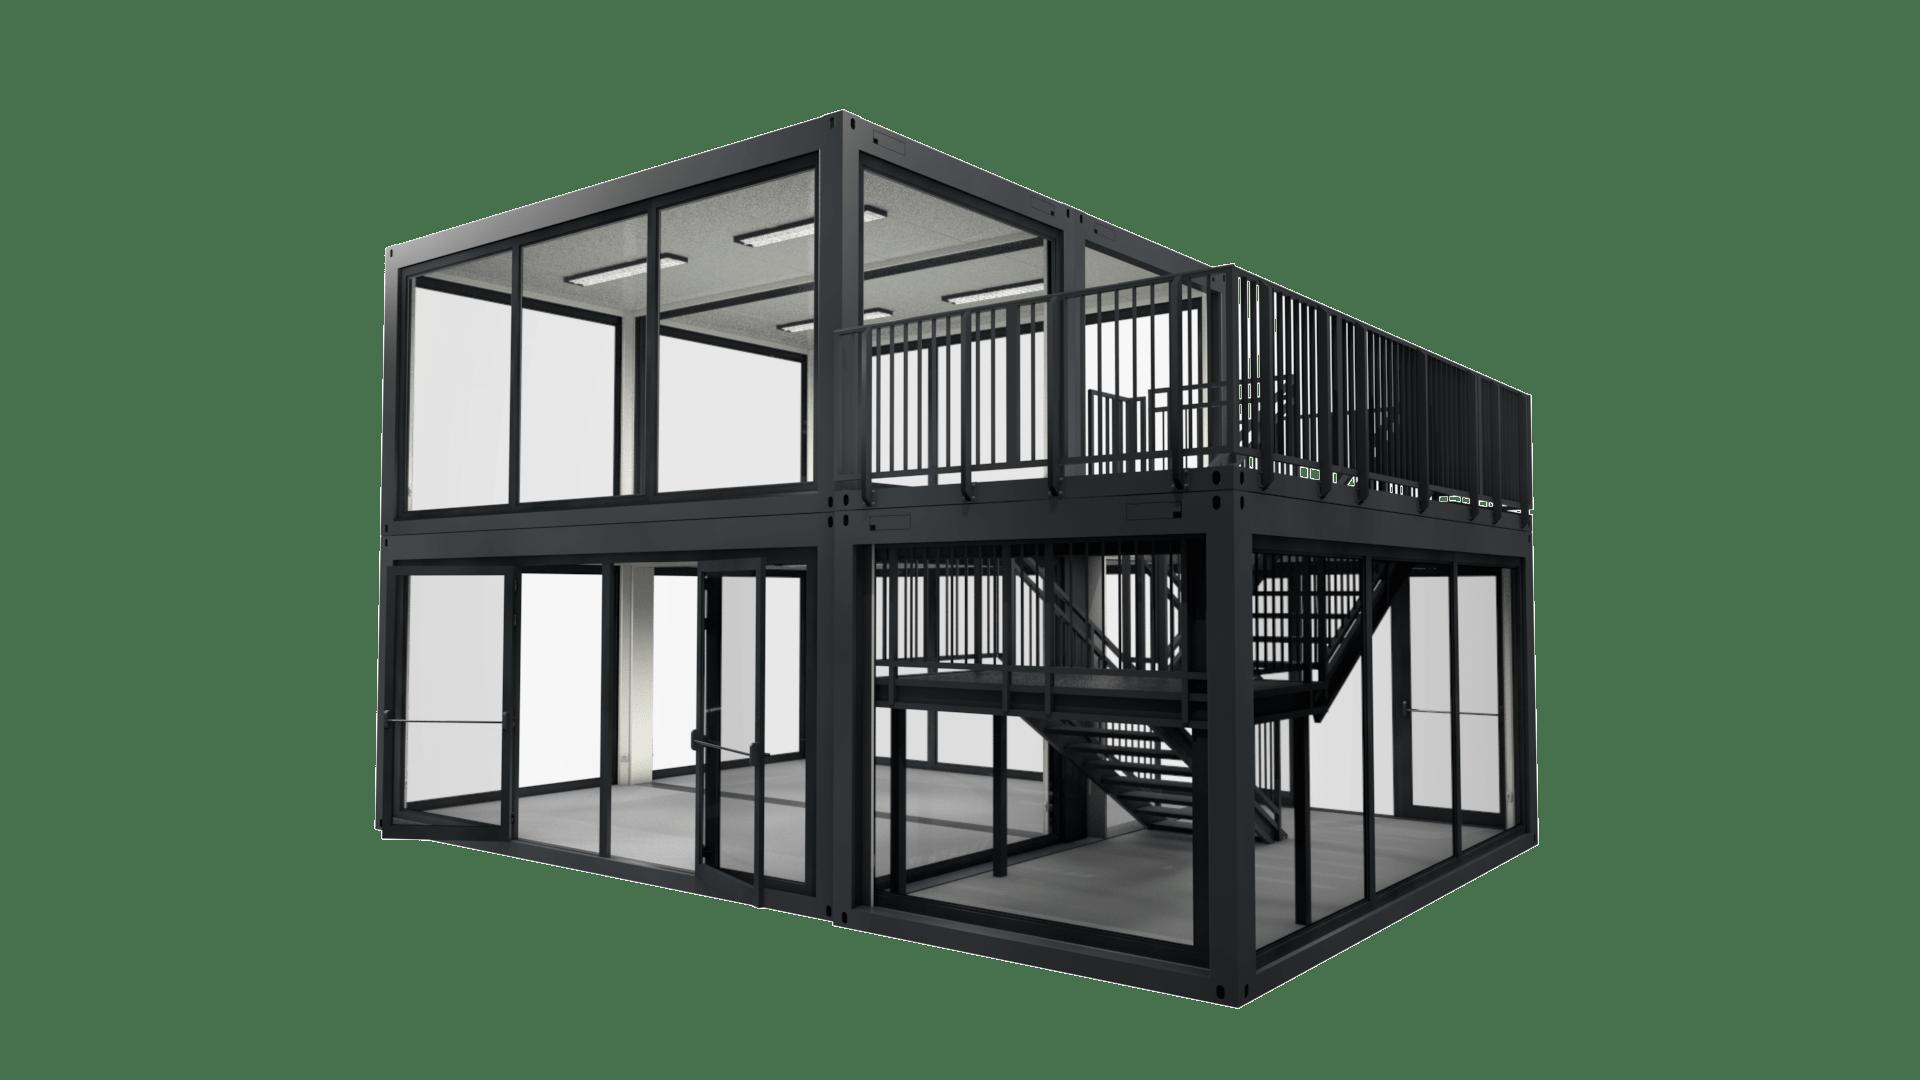 Container Modul M 25 ist zweistöckig mit Dachterasse und viel Glas